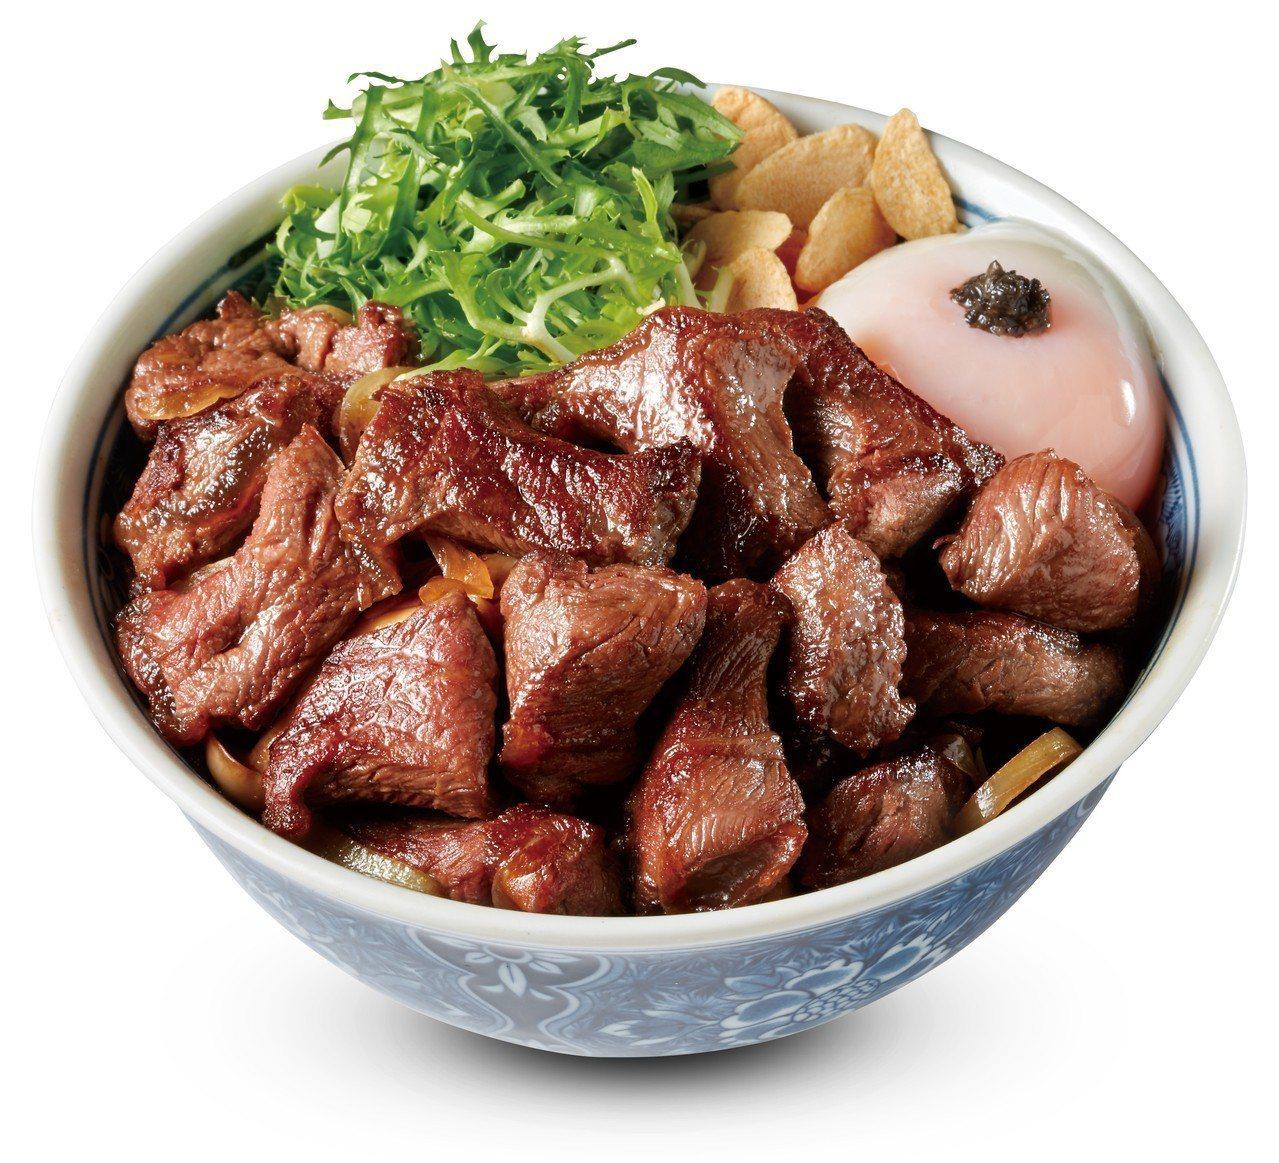 角切牛排丼,每份330元。圖/開丼提供